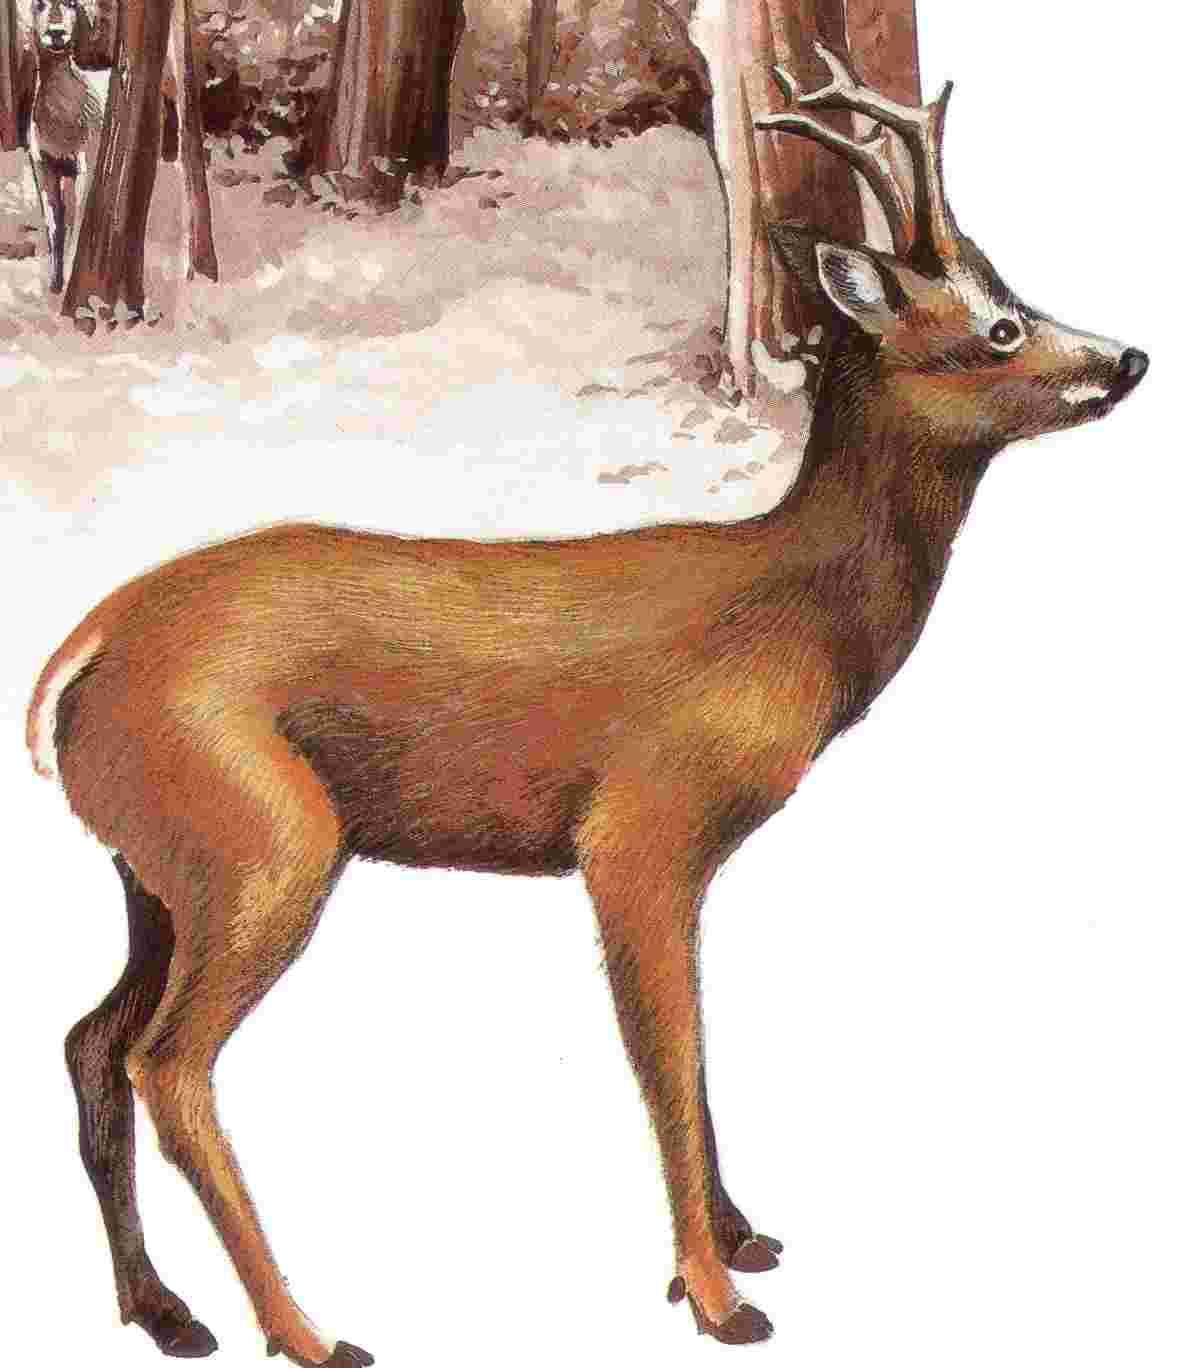 dessin � colorier d'un chevreuil